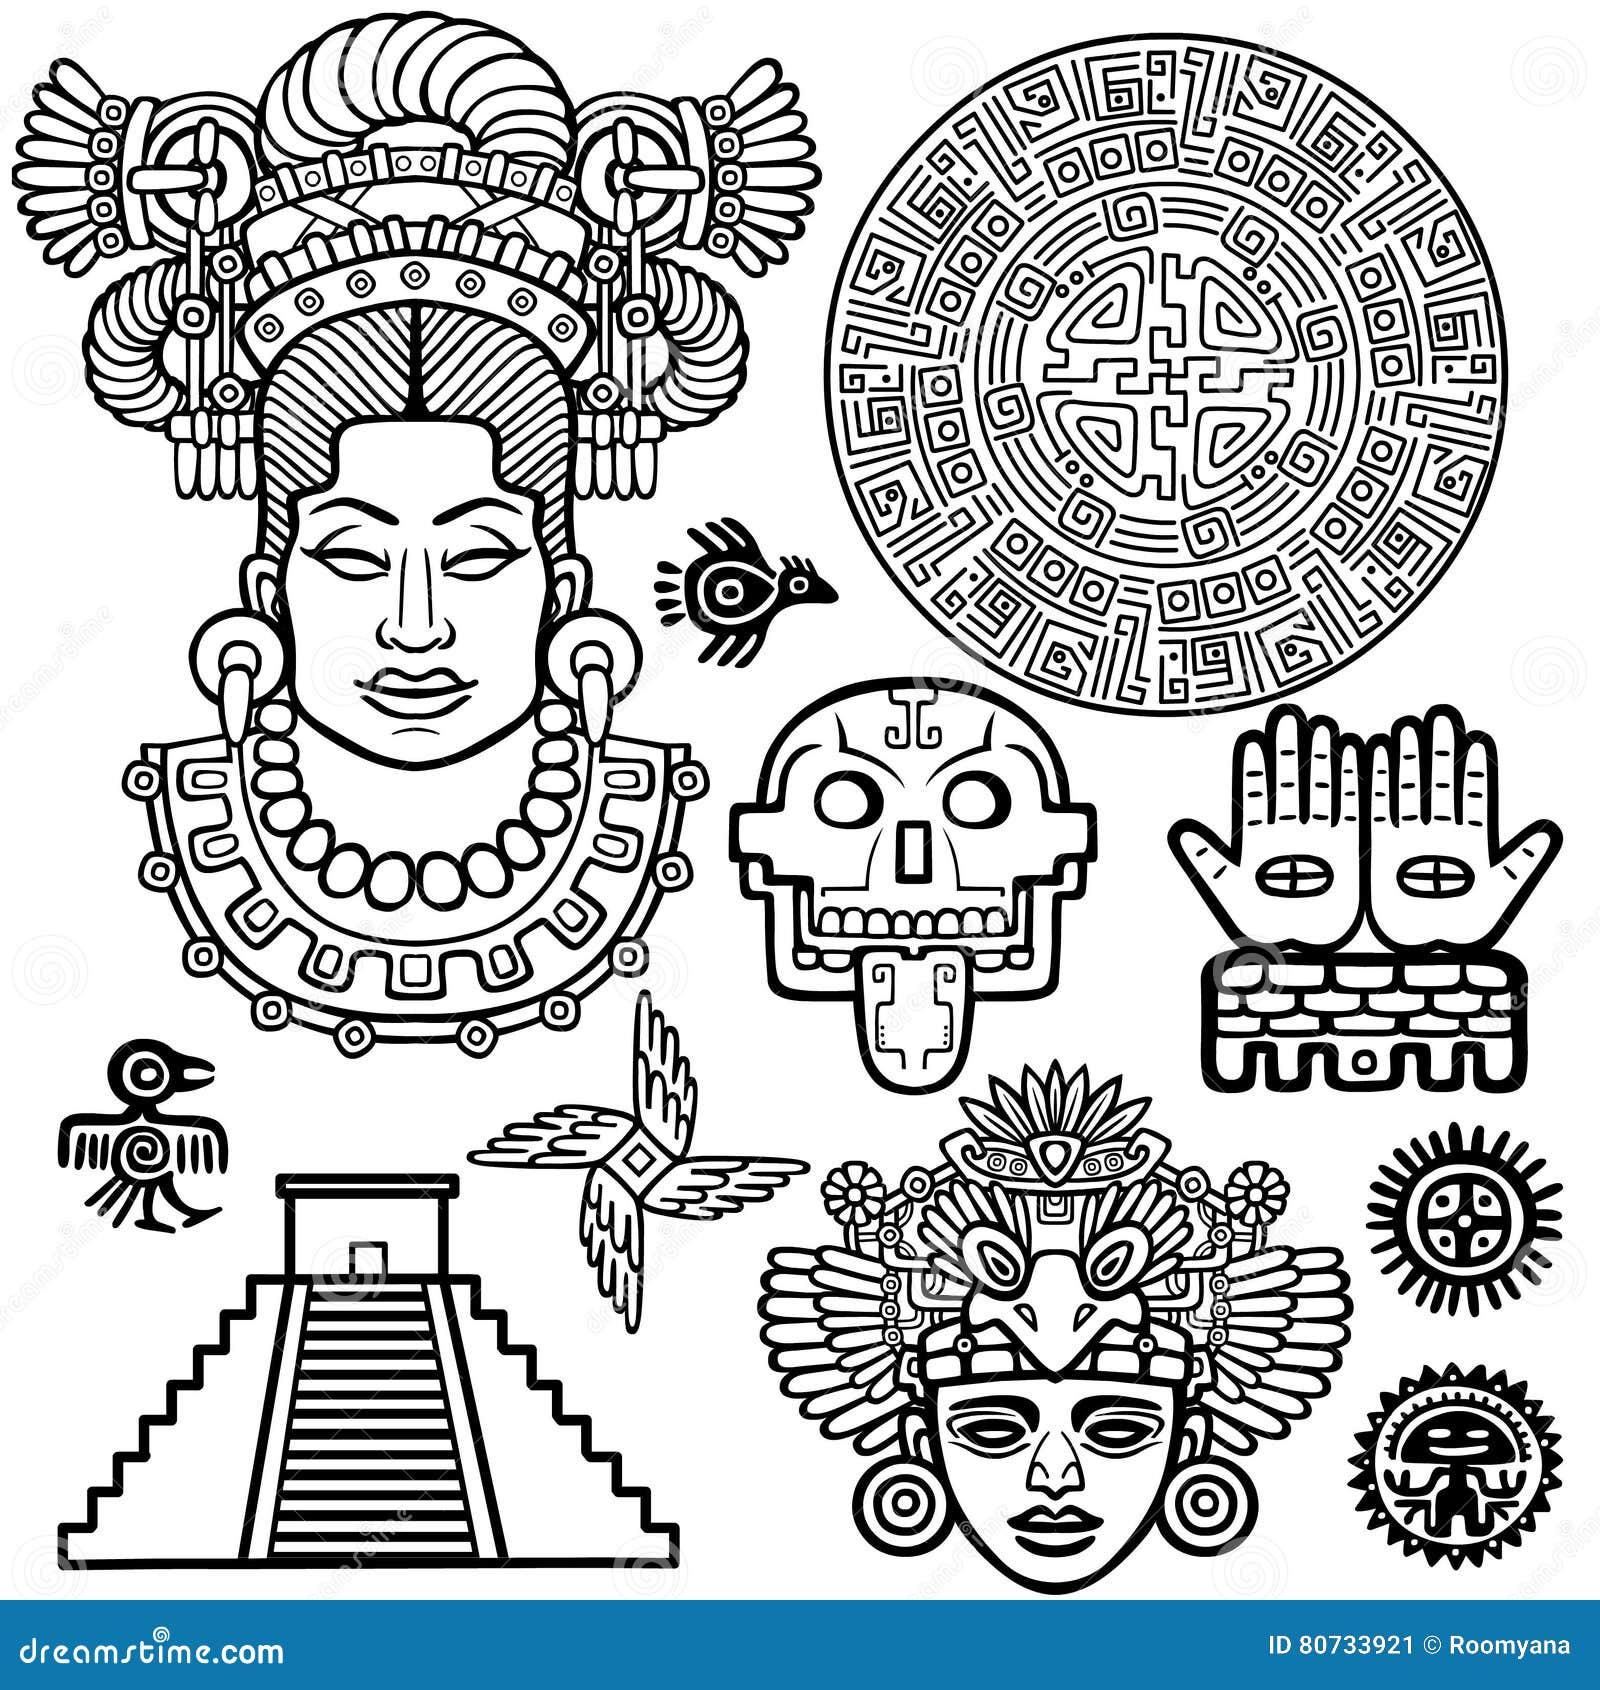 Sistema de elementos gráficos basados en motivos del indio del nativo americano del arte